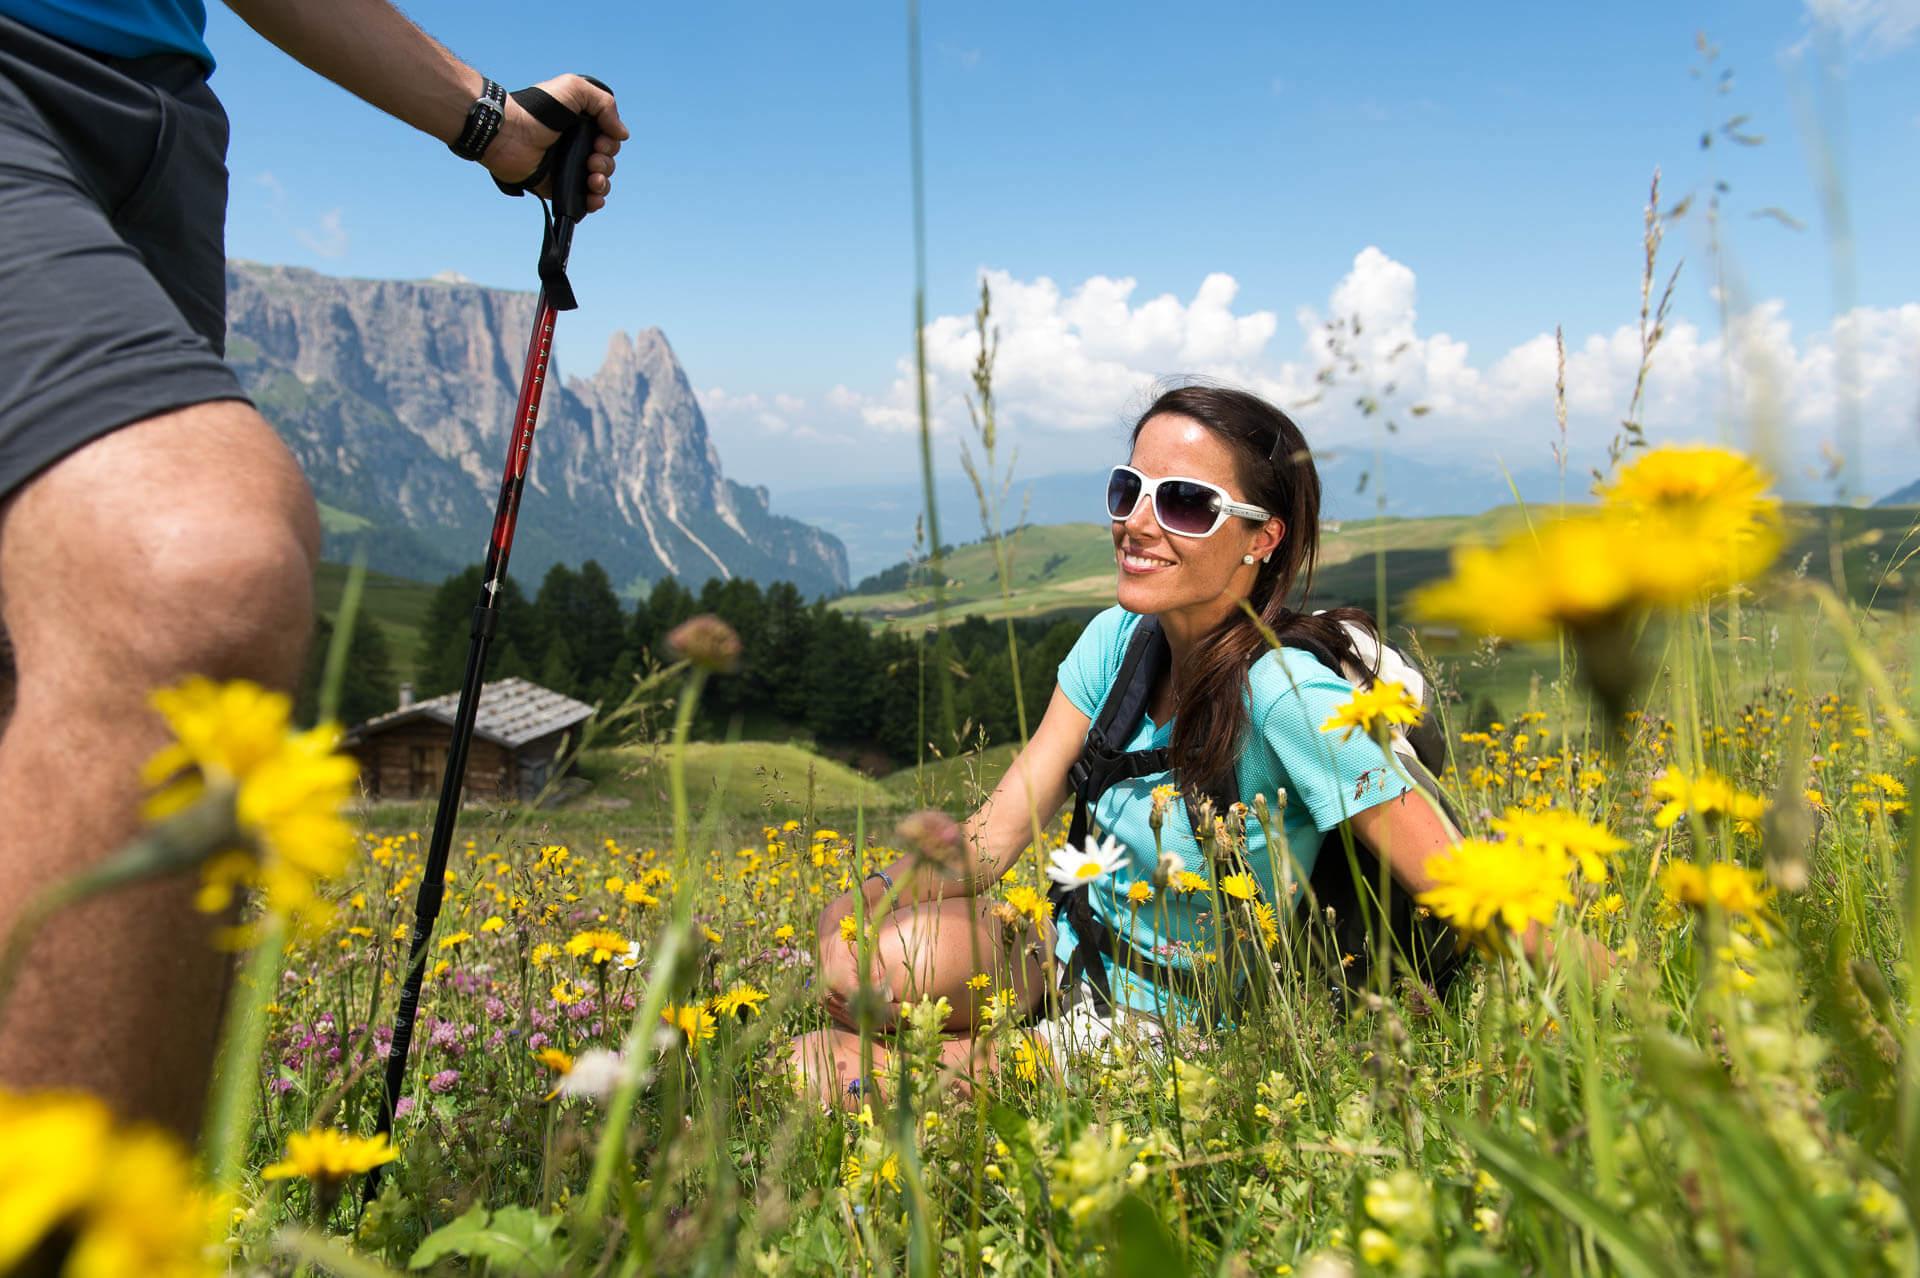 Vacanze attive nella splendida natura delle Dolomiti - Escursioni sull'Alpe di Siusi